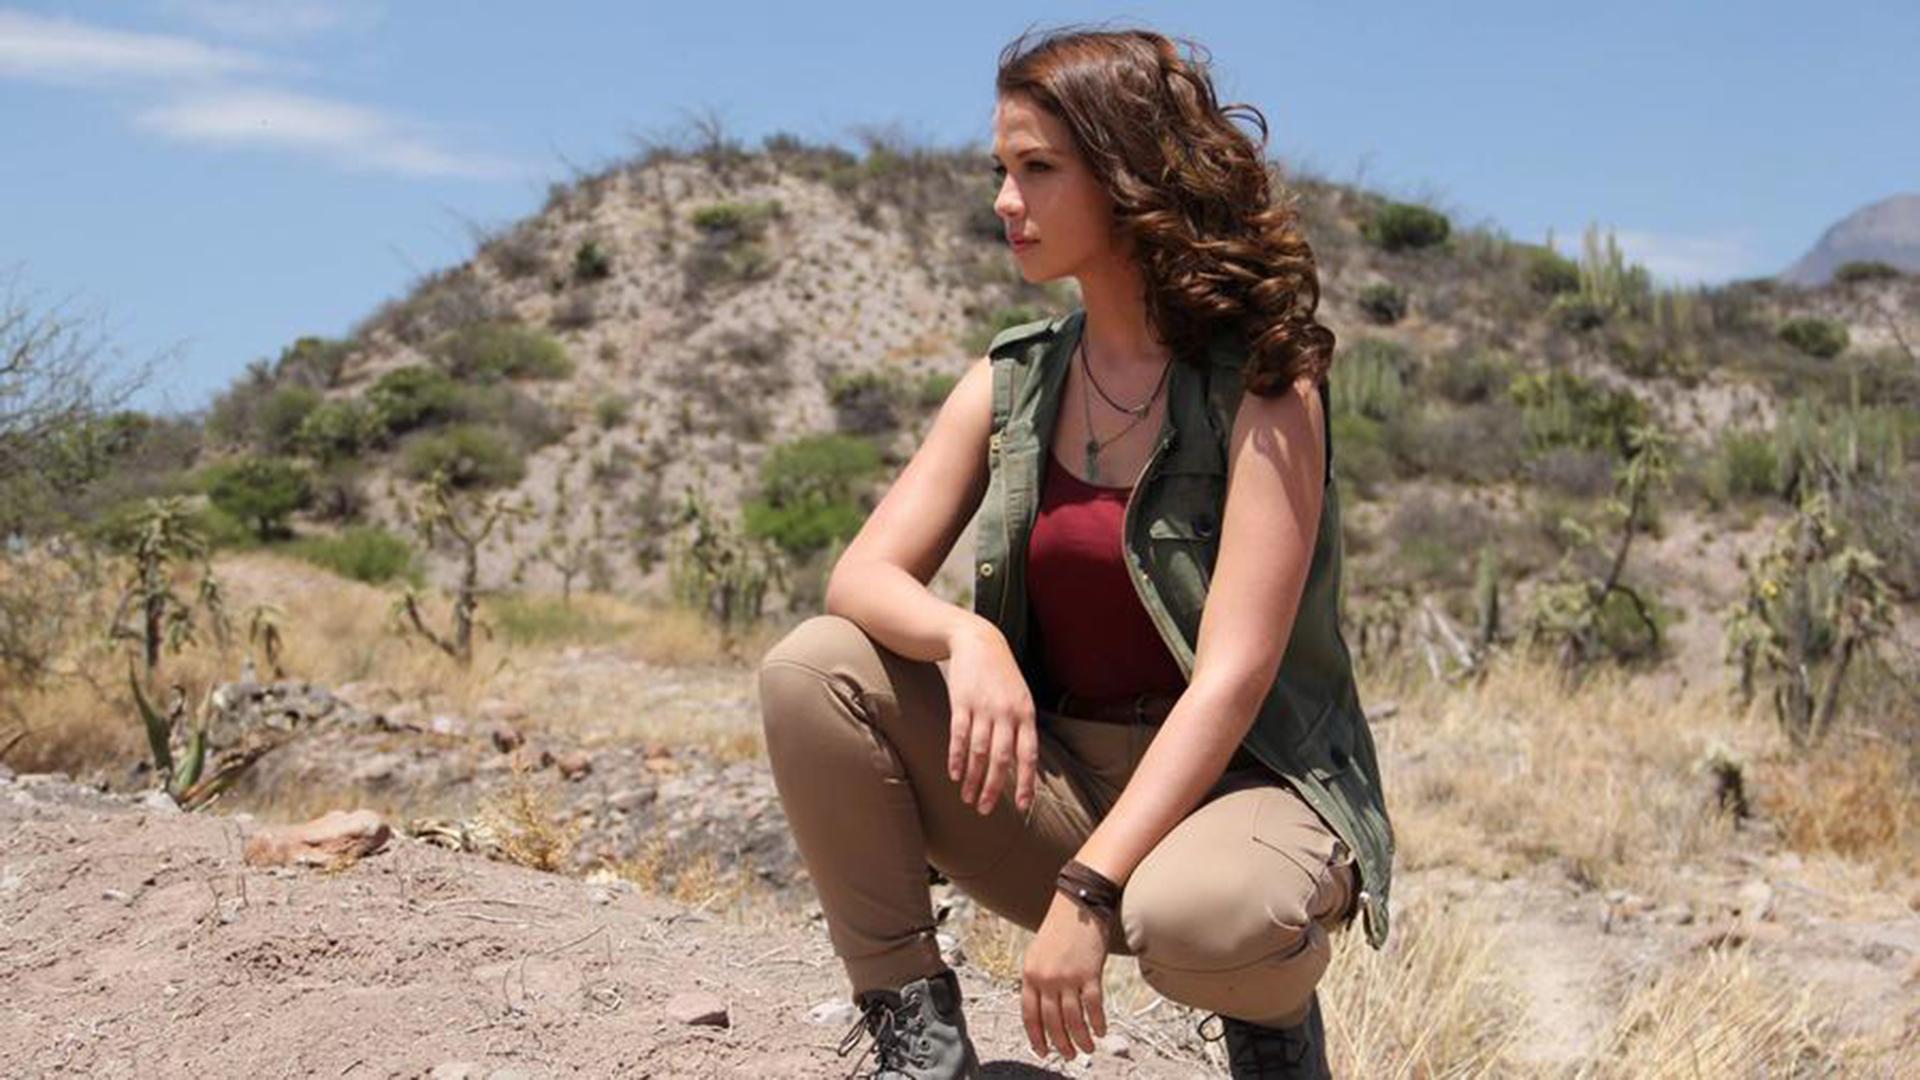 Serie 'Señora Acero' incluirá migración ilegal a EE.UU. en su nueva temporada